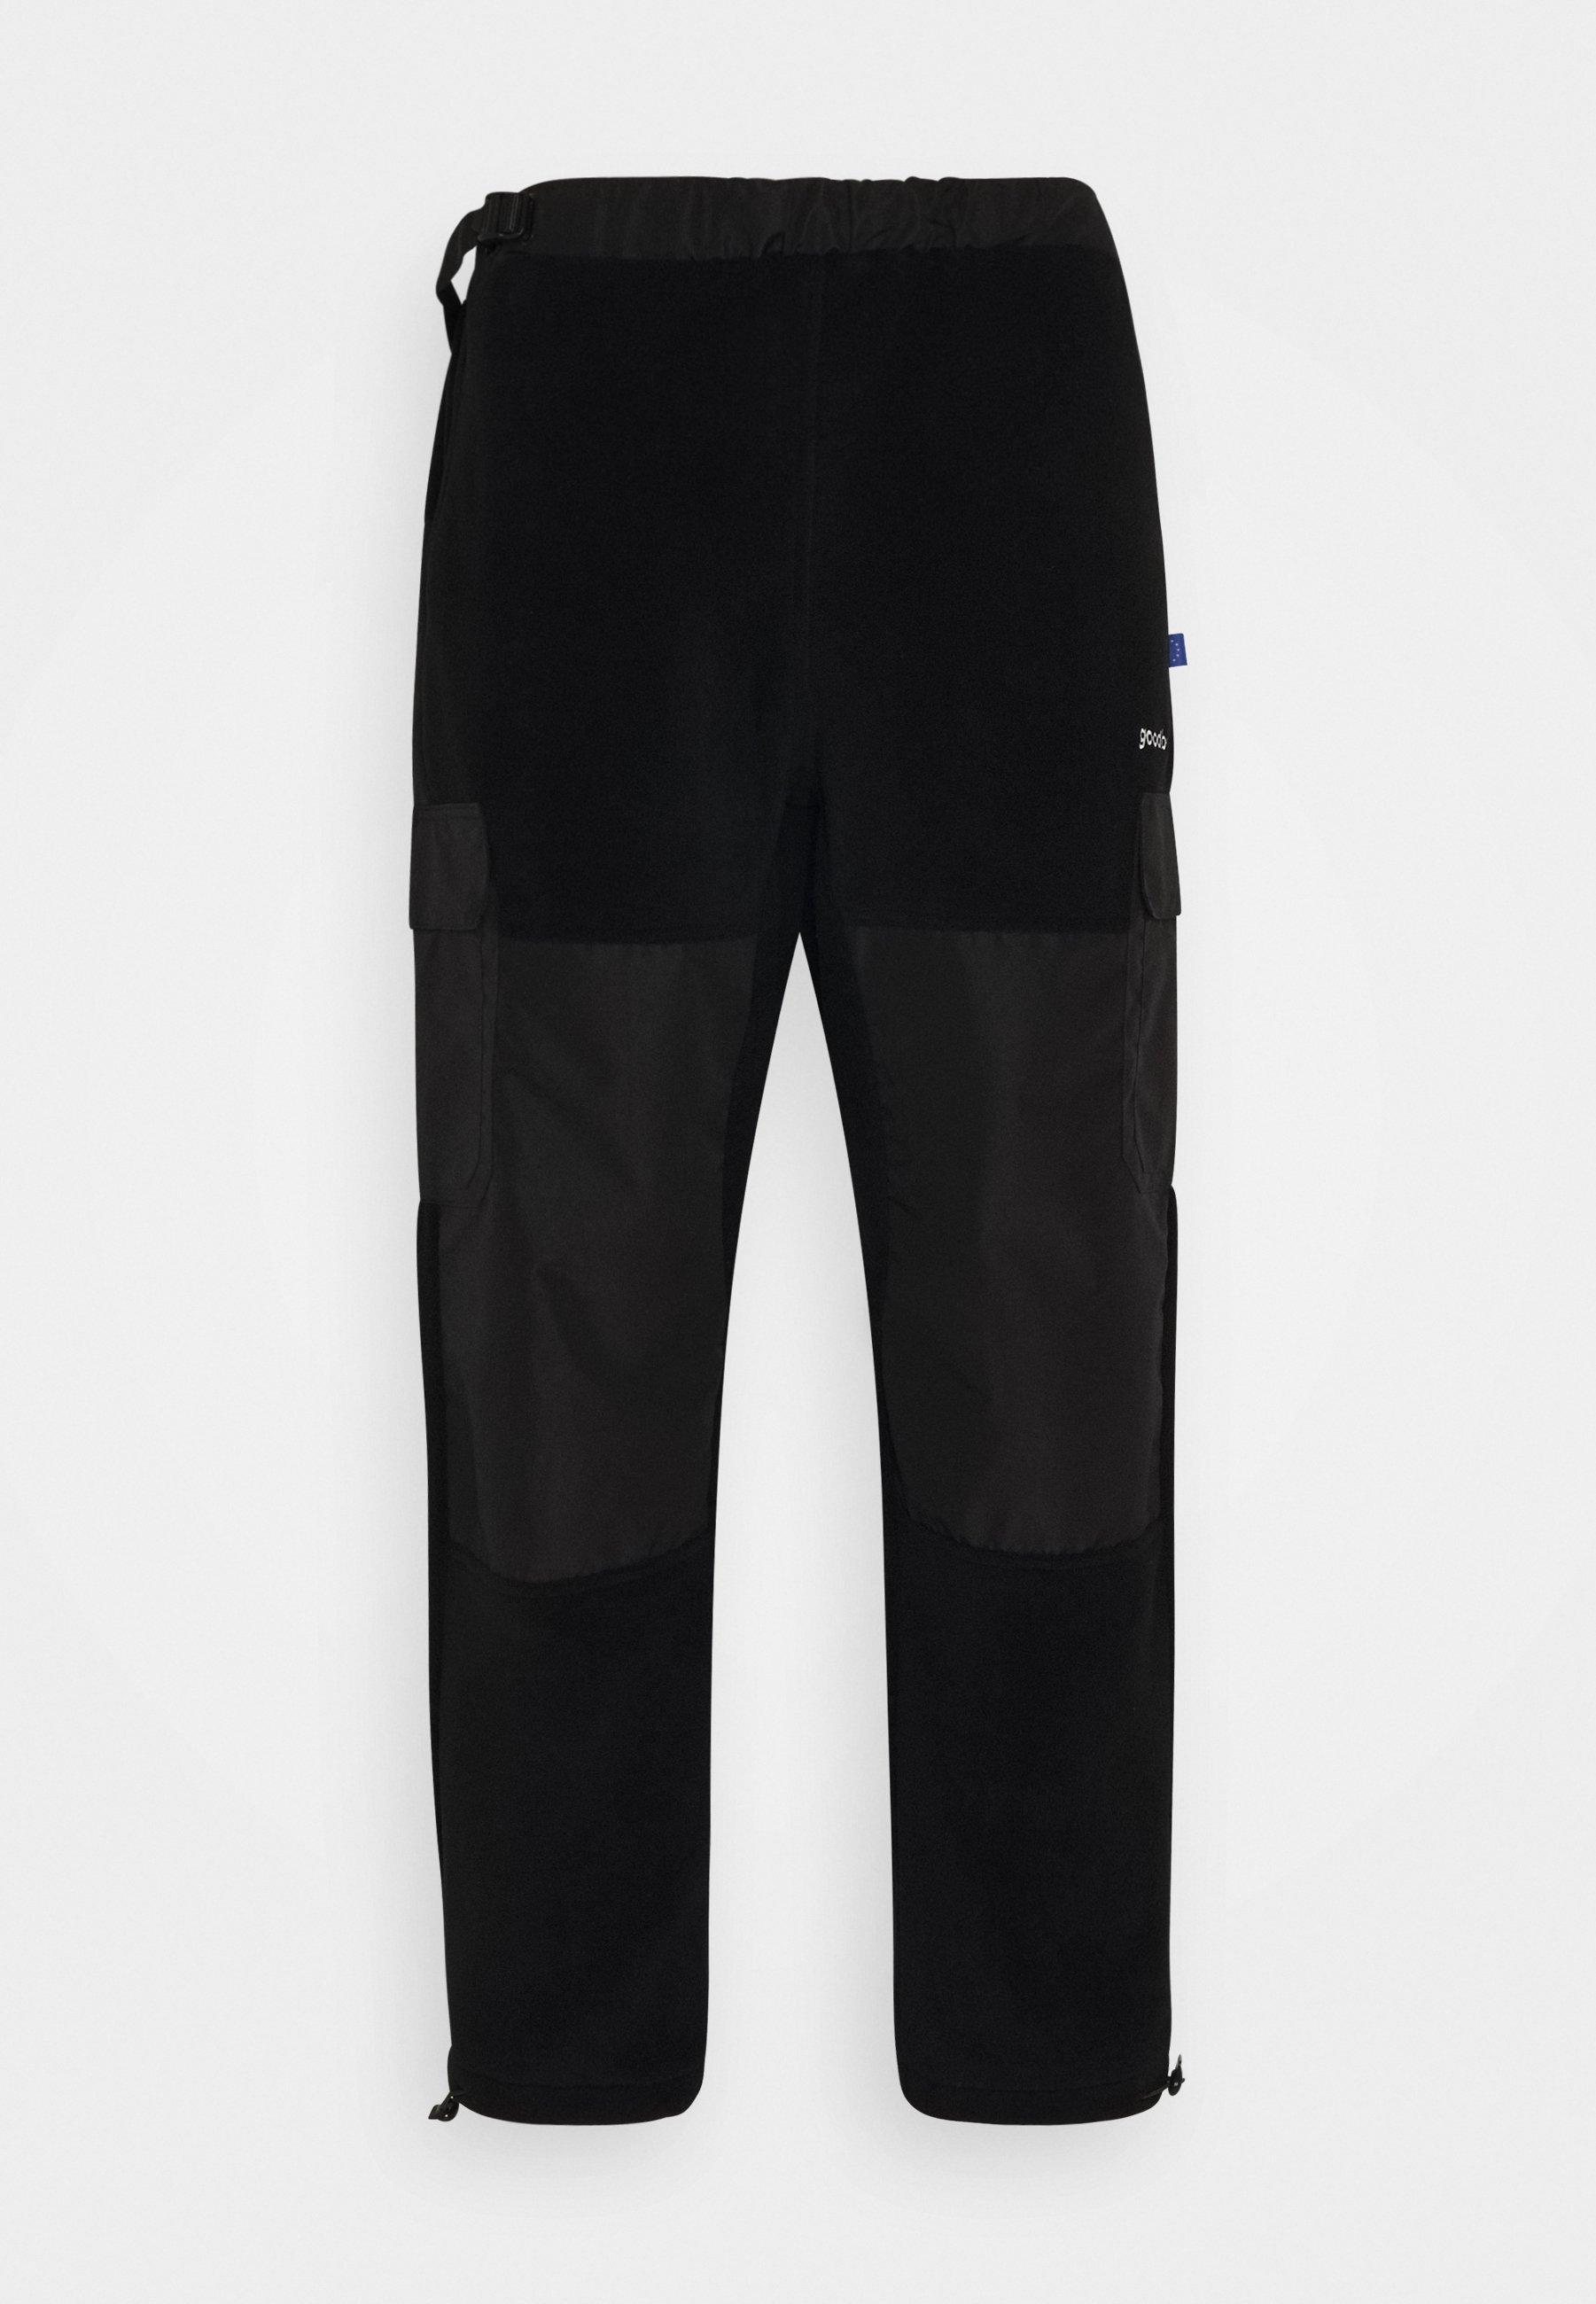 Homme OFFICIAL PANTS - Pantalon cargo